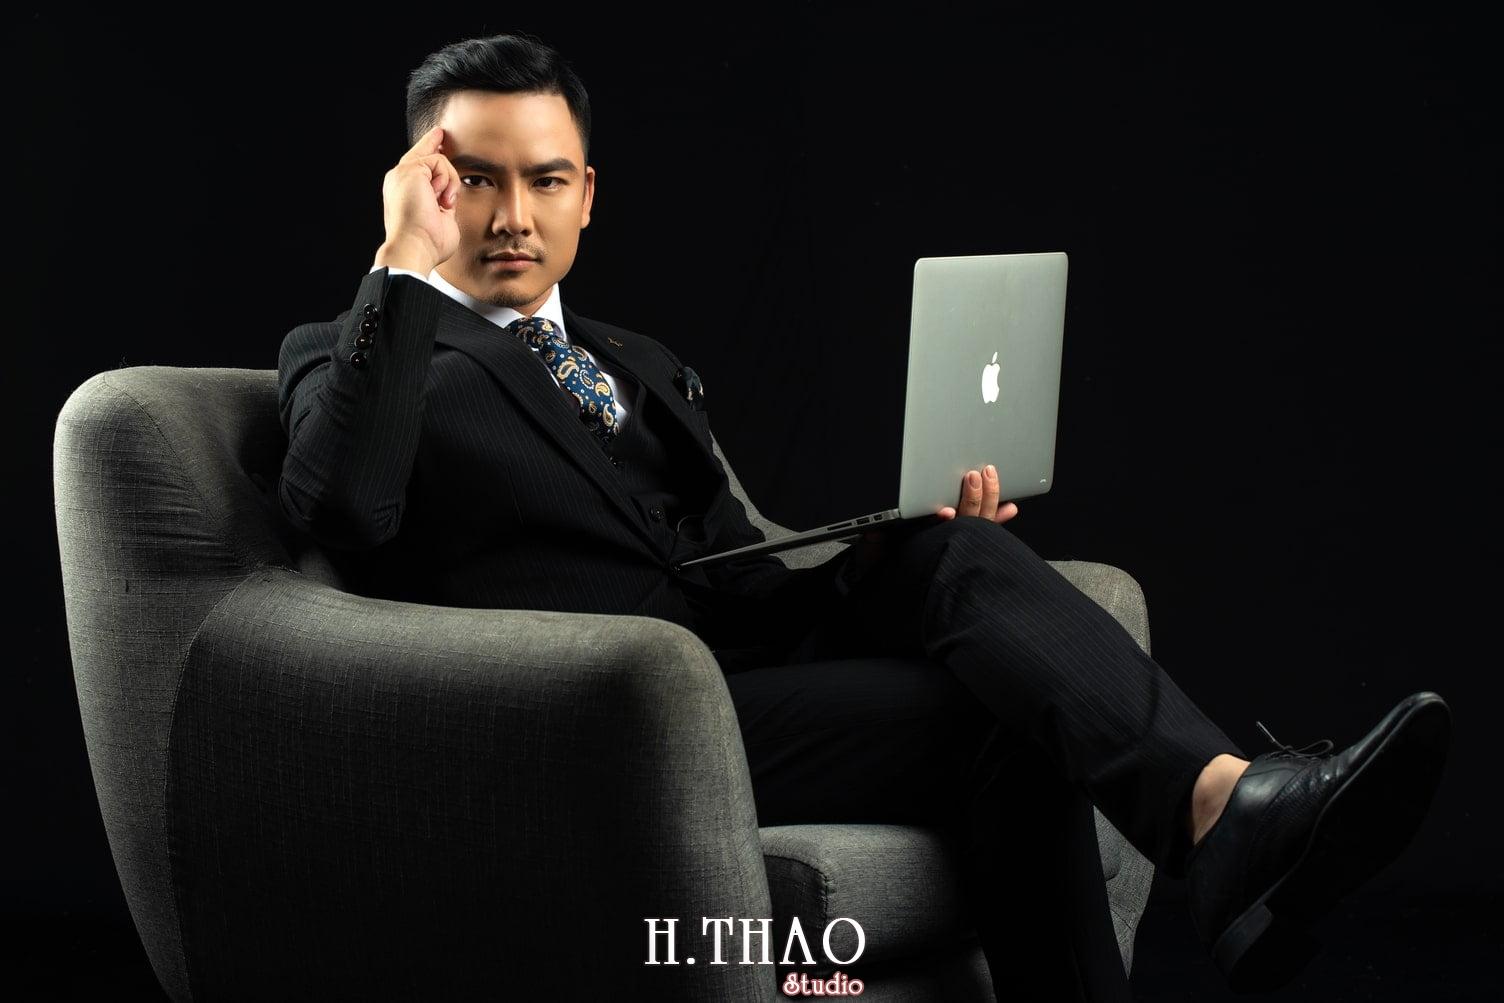 Anh Doanh nhan 33 1 - 5 concept chụp ảnh doanh nhân sang trọng nhất hiện nay - HThao Studio